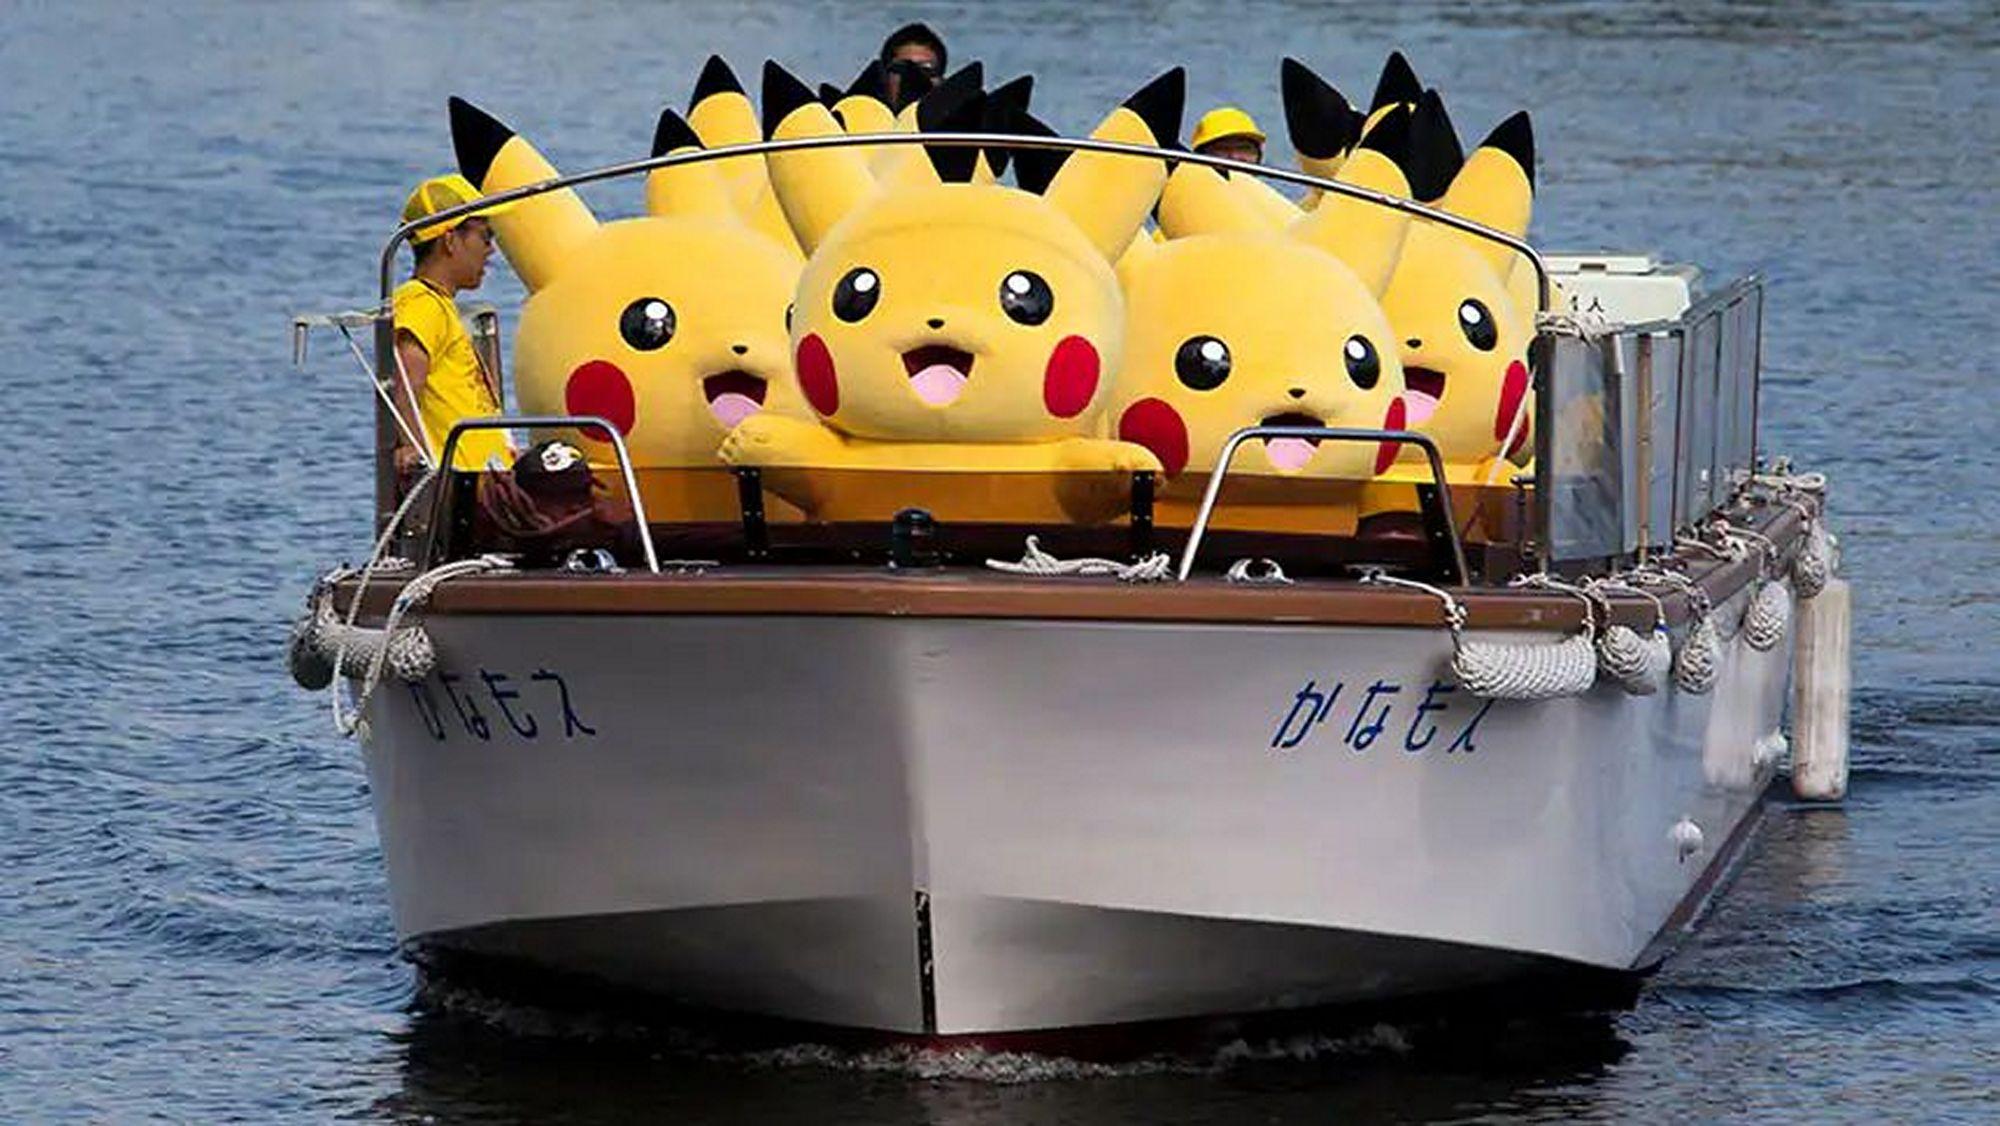 binh đoàn Pikachu tại Olympic Tokyo 2020